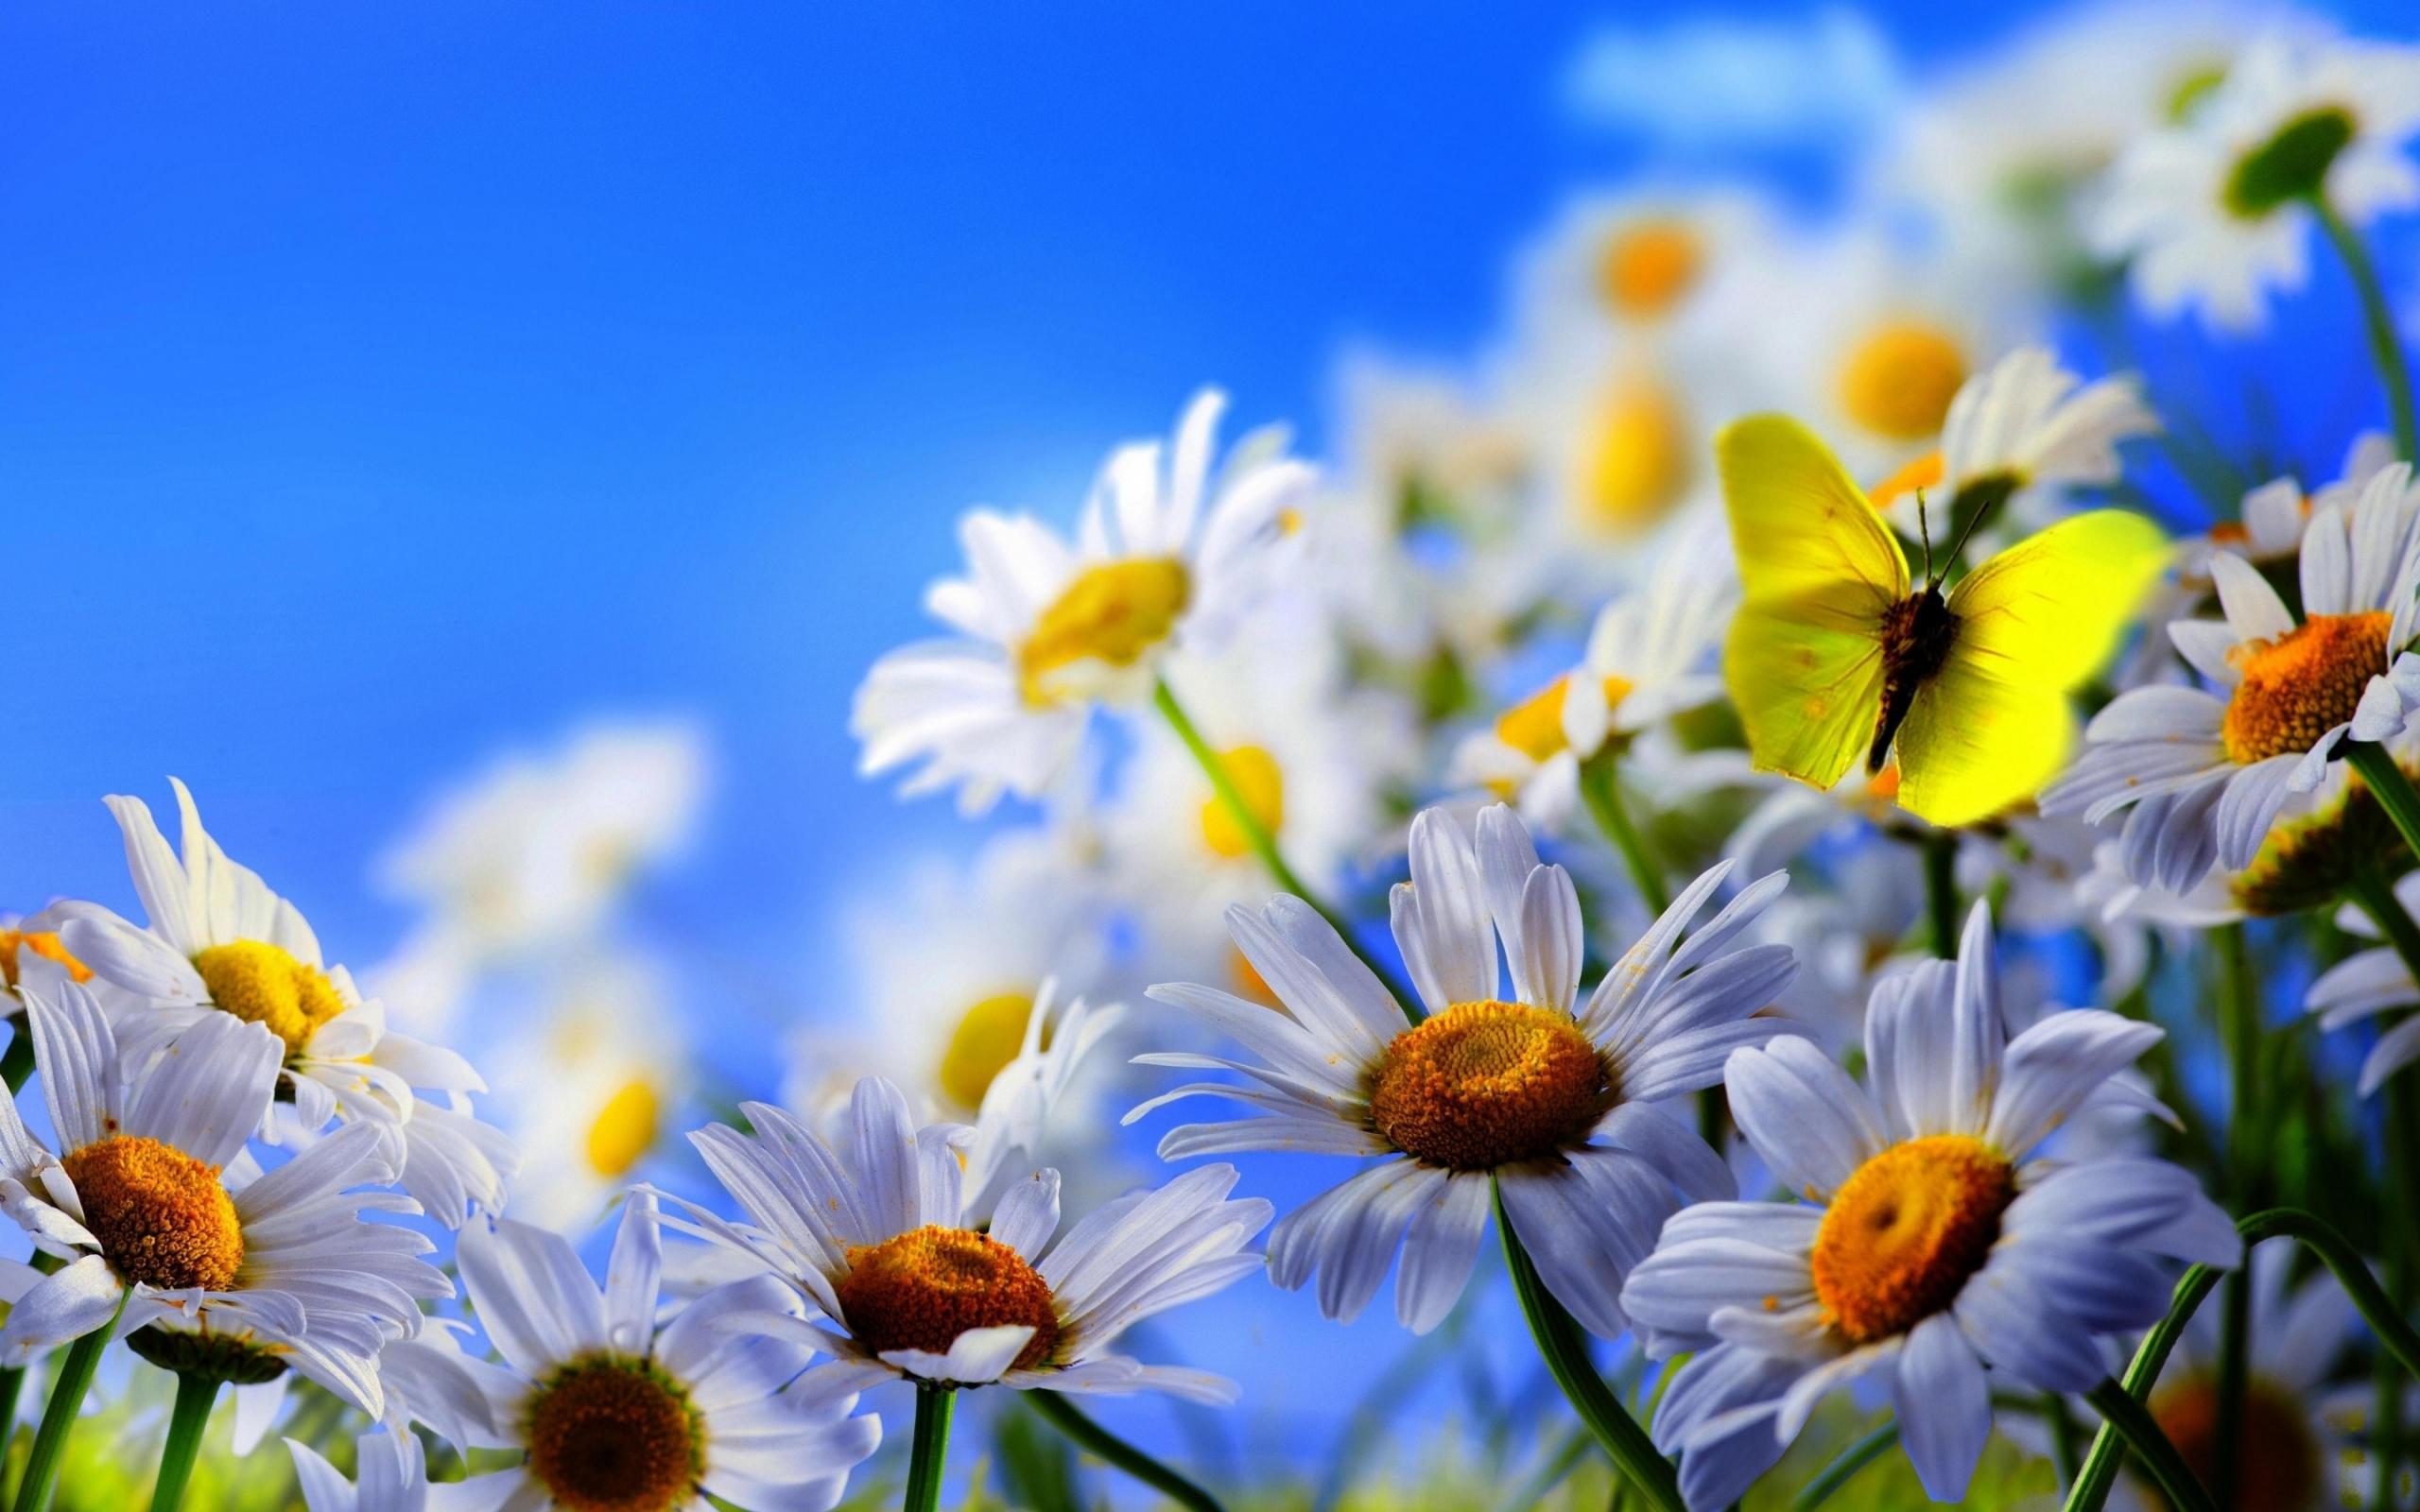 25178 скачать обои Ромашки, Растения, Бабочки, Цветы, Насекомые - заставки и картинки бесплатно